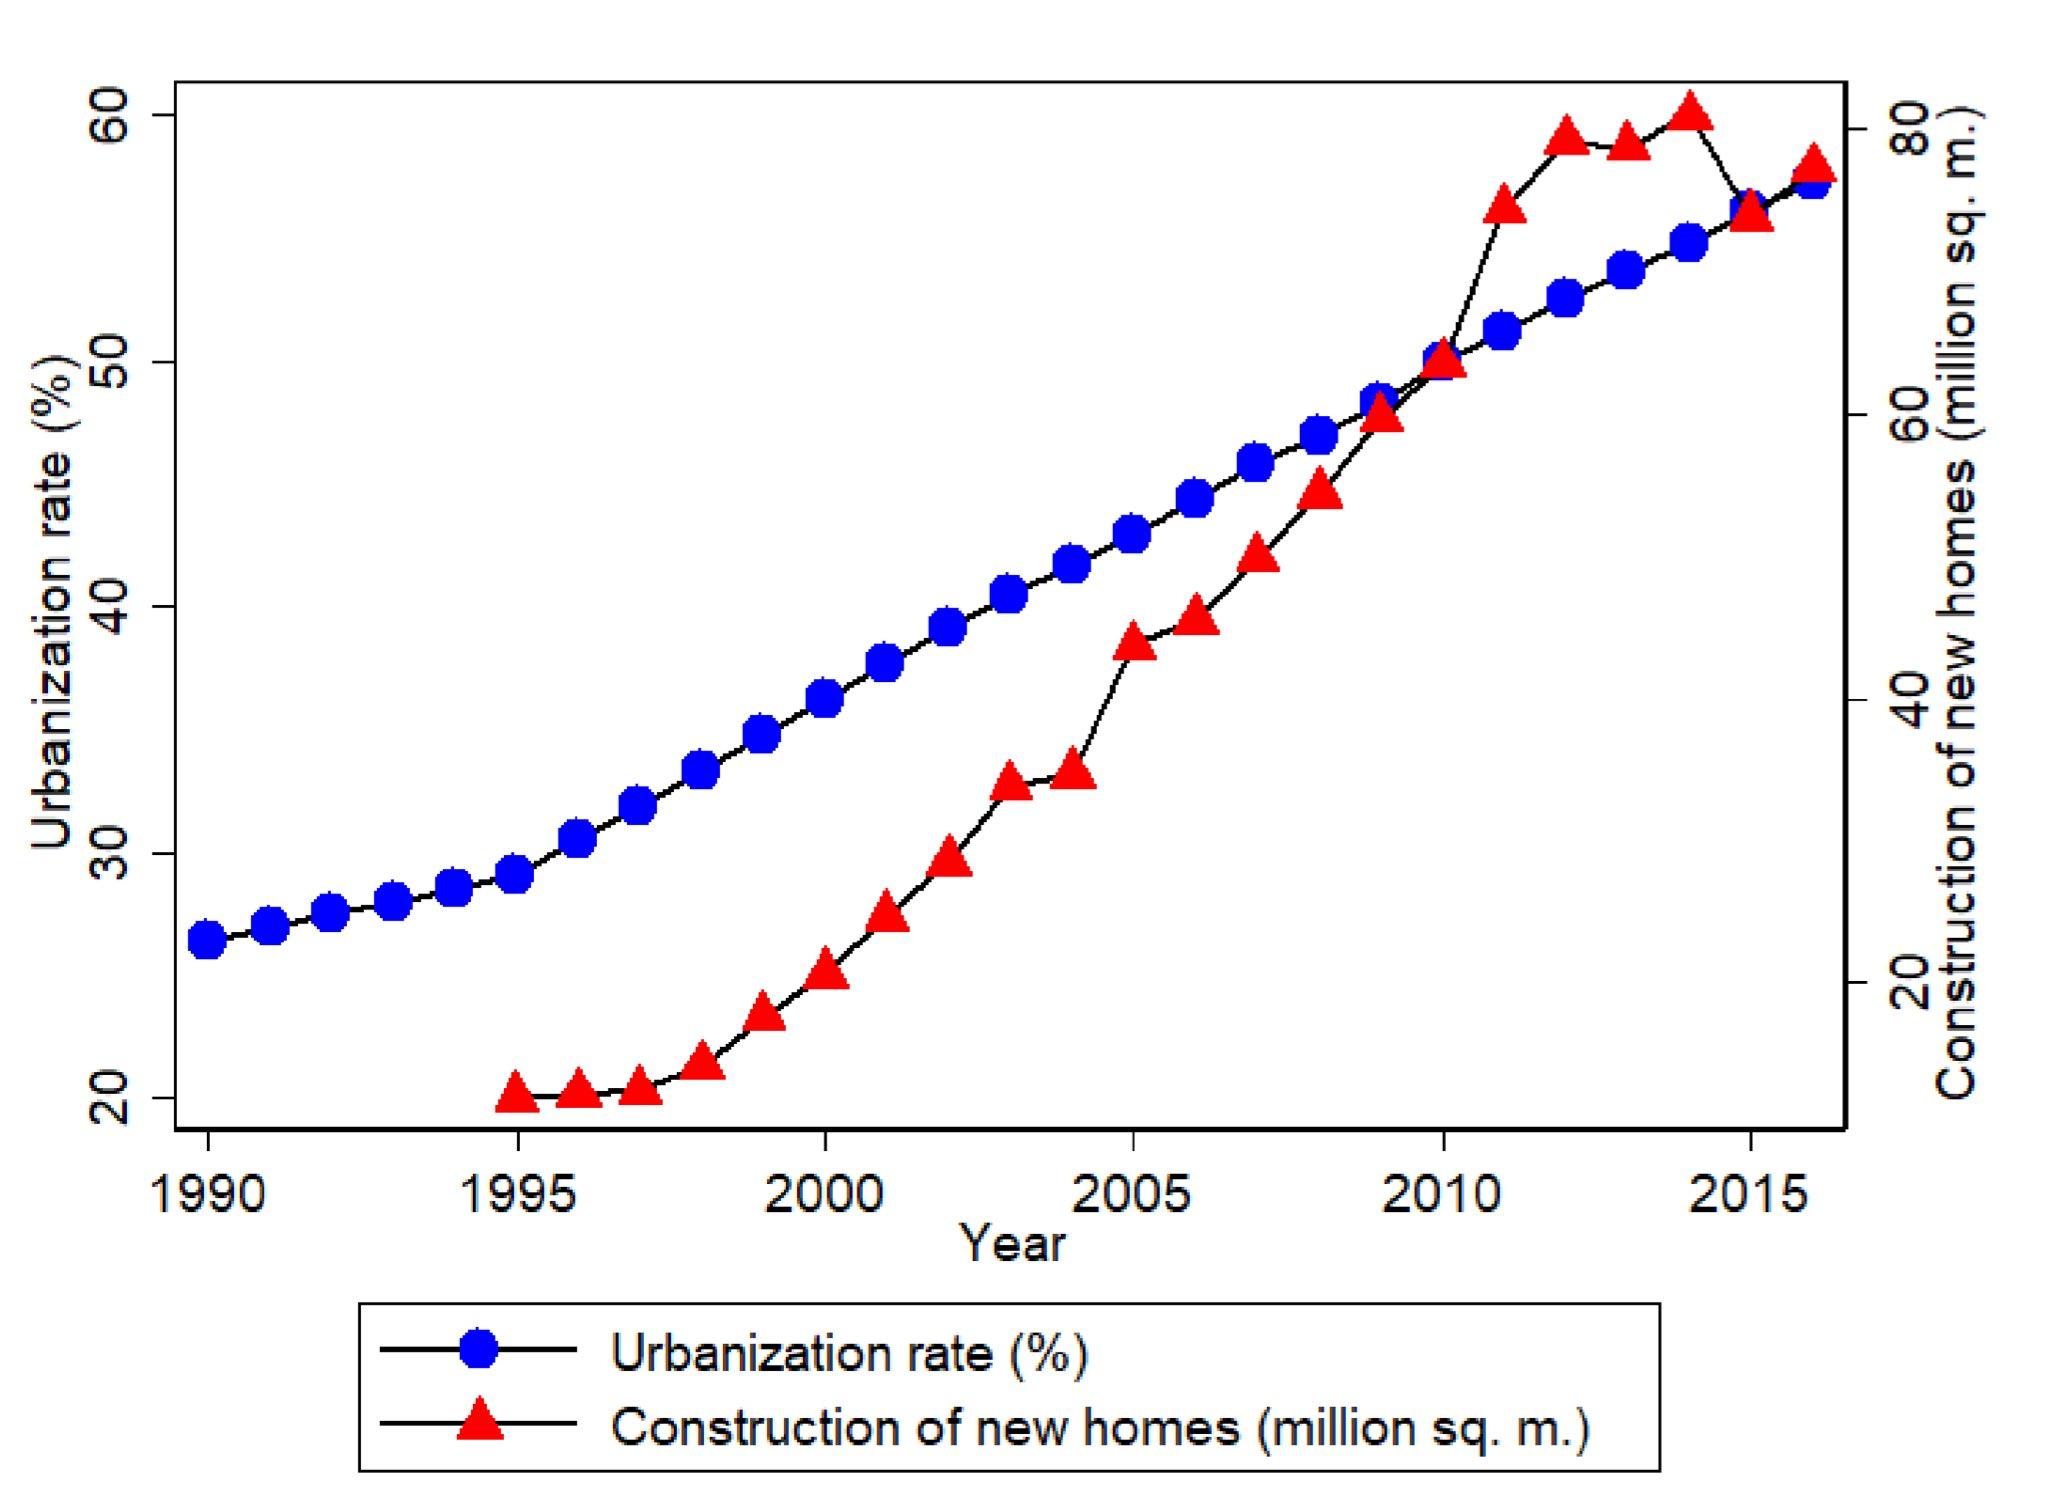 China Urbanization vs. Construction